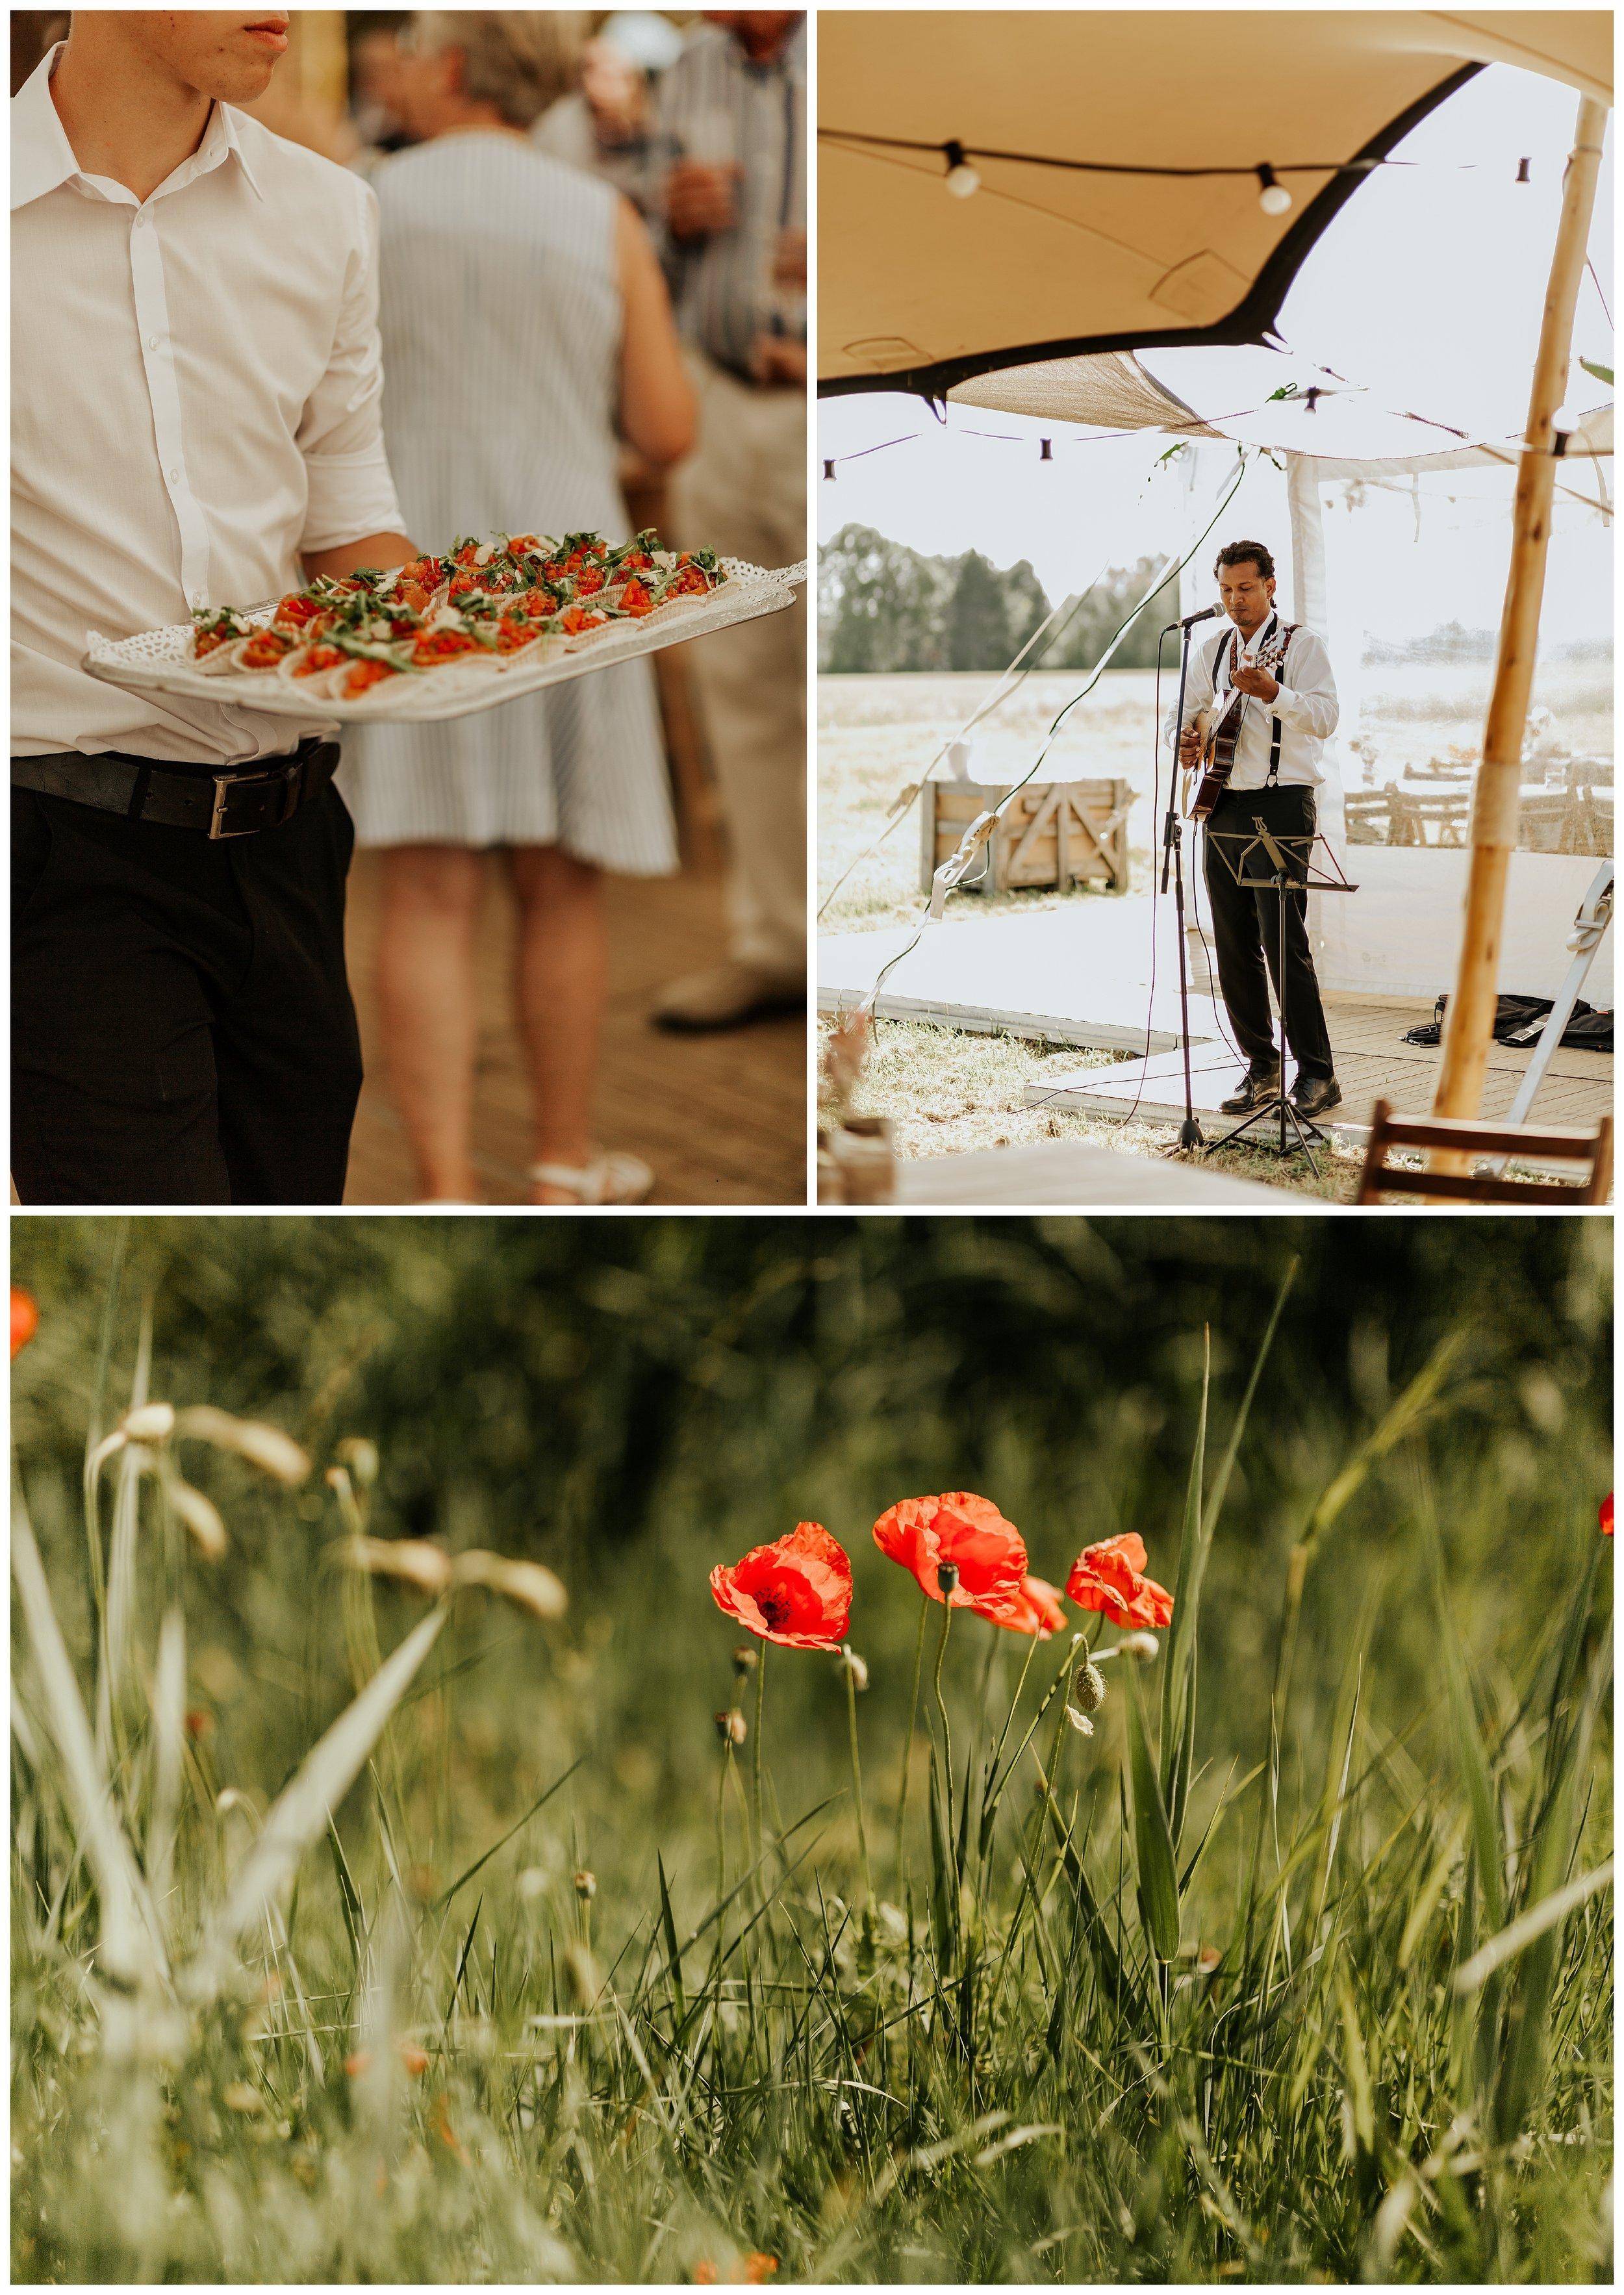 huwelijksfotograaf-huwelijksfotografie-knokke-heist-lisa-helsen-photography-trouwfotograaf-trouwfoto-sabine-pieter_0016.jpg